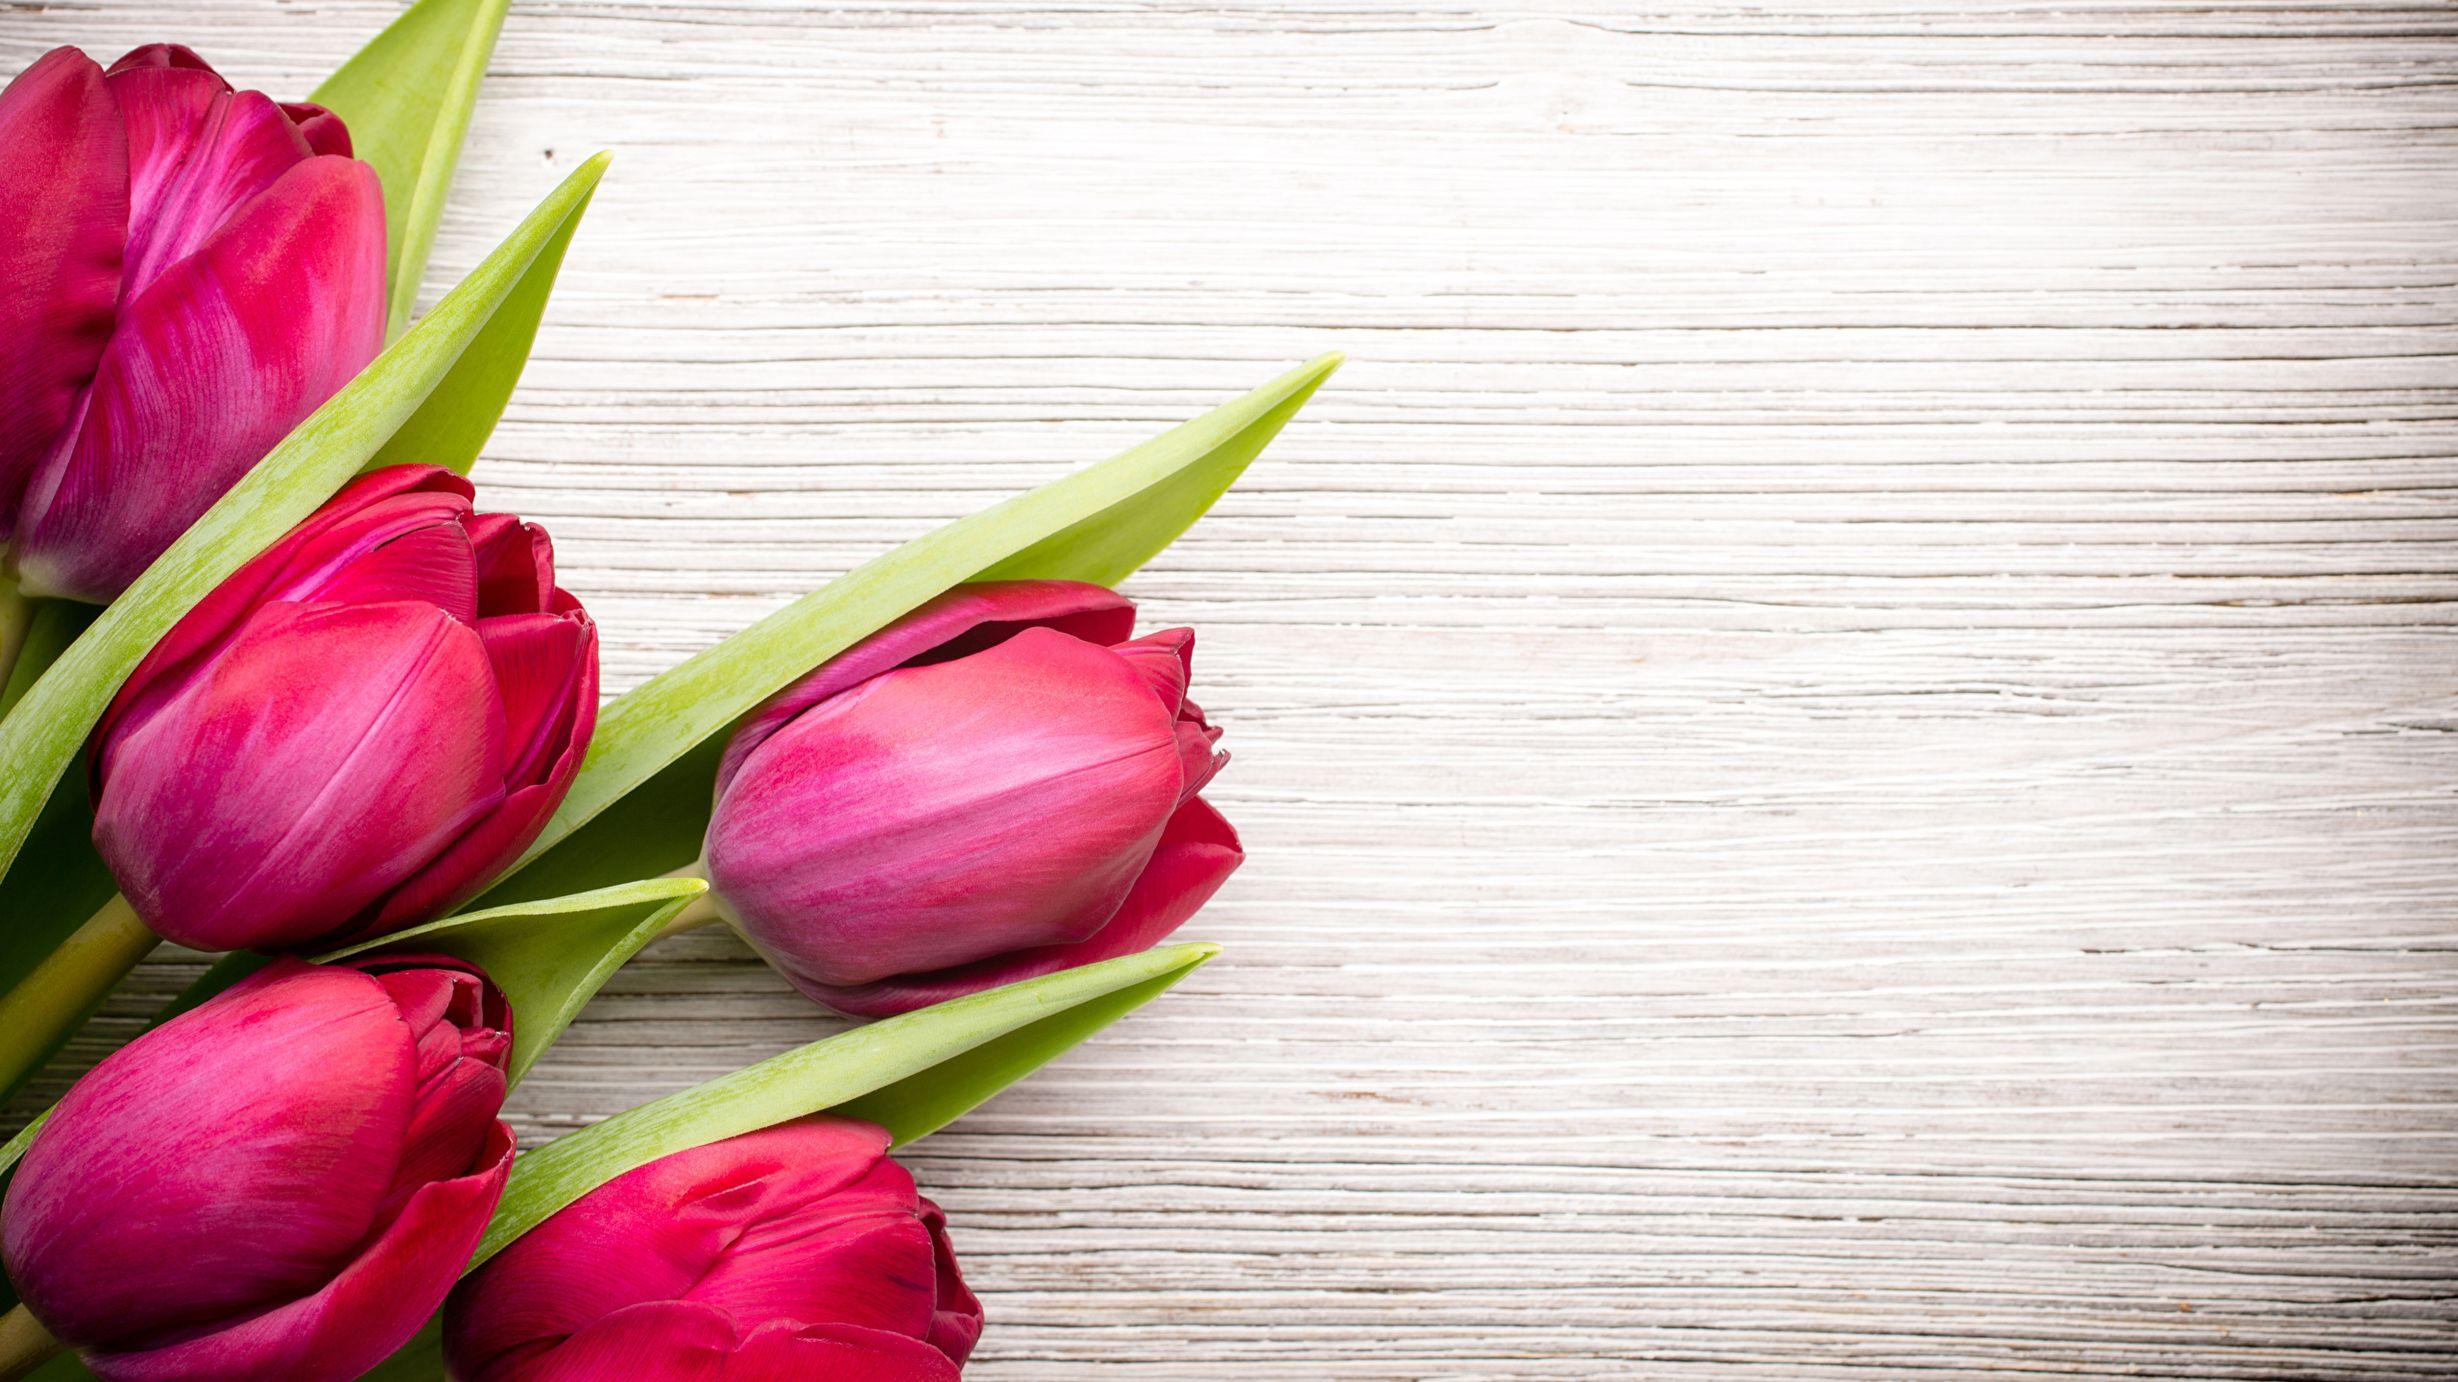 Картинки тюльпаны красивые на рабочий стол